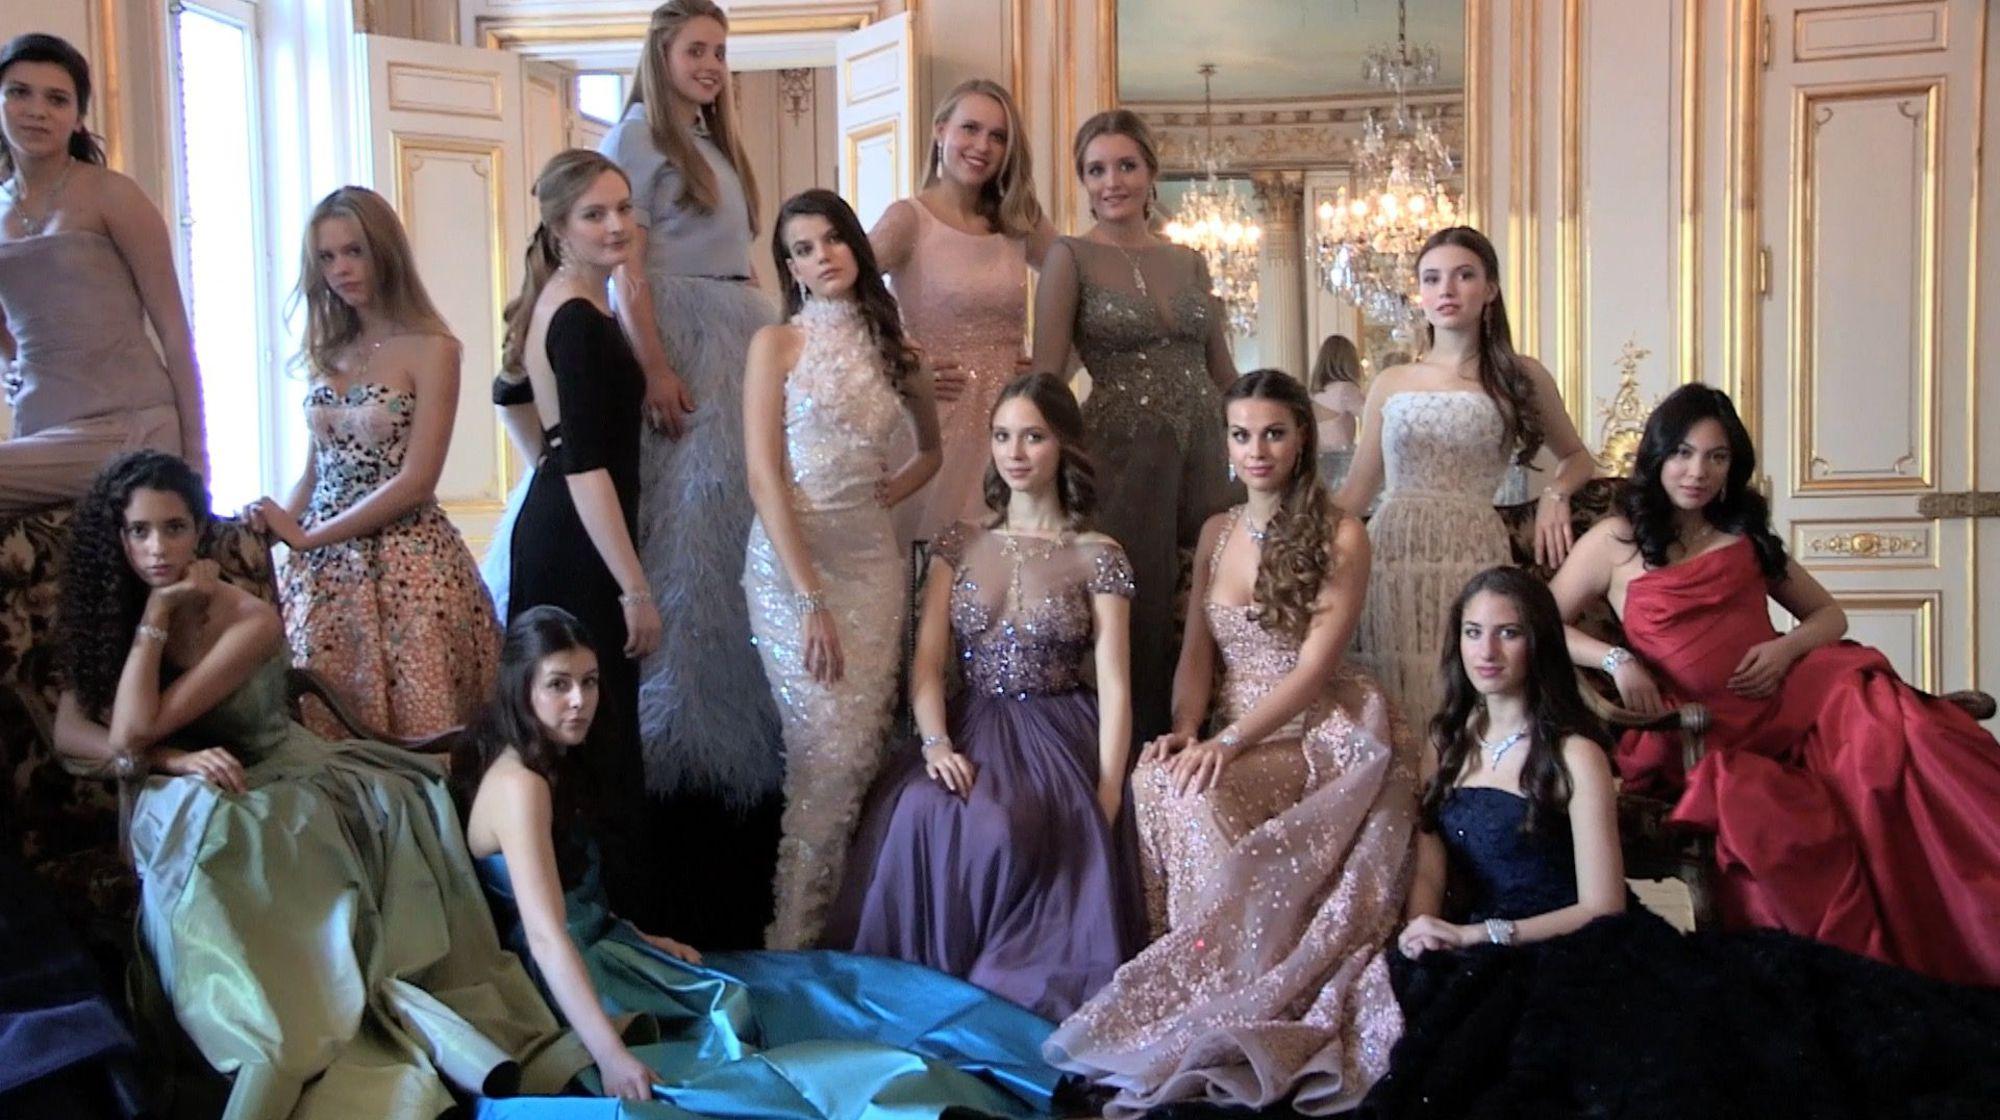 les belles filles avec les belles robes de soirée